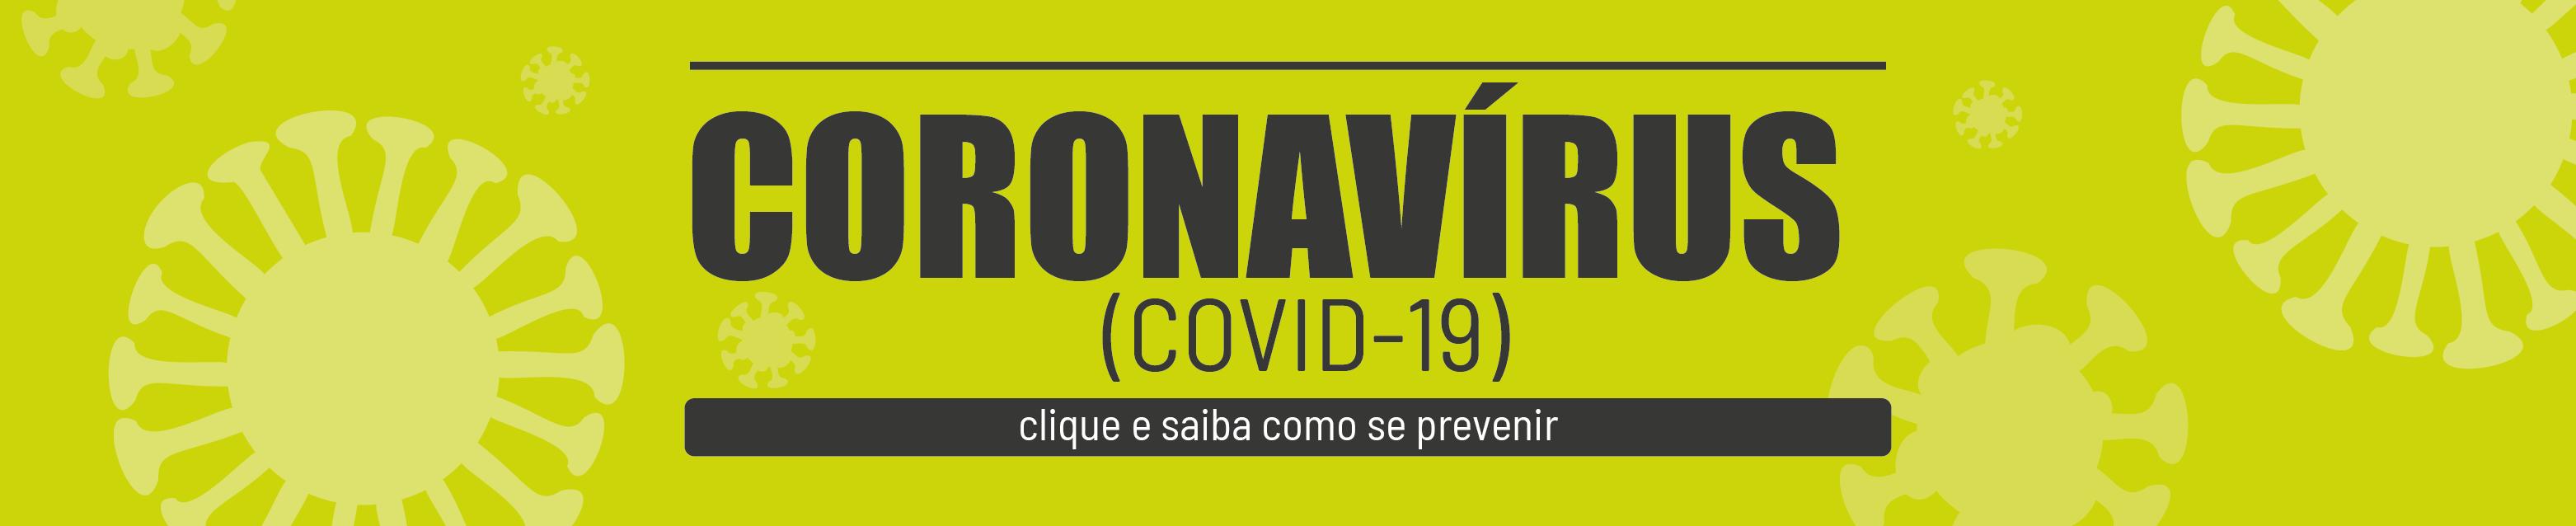 Coronavírus (2)